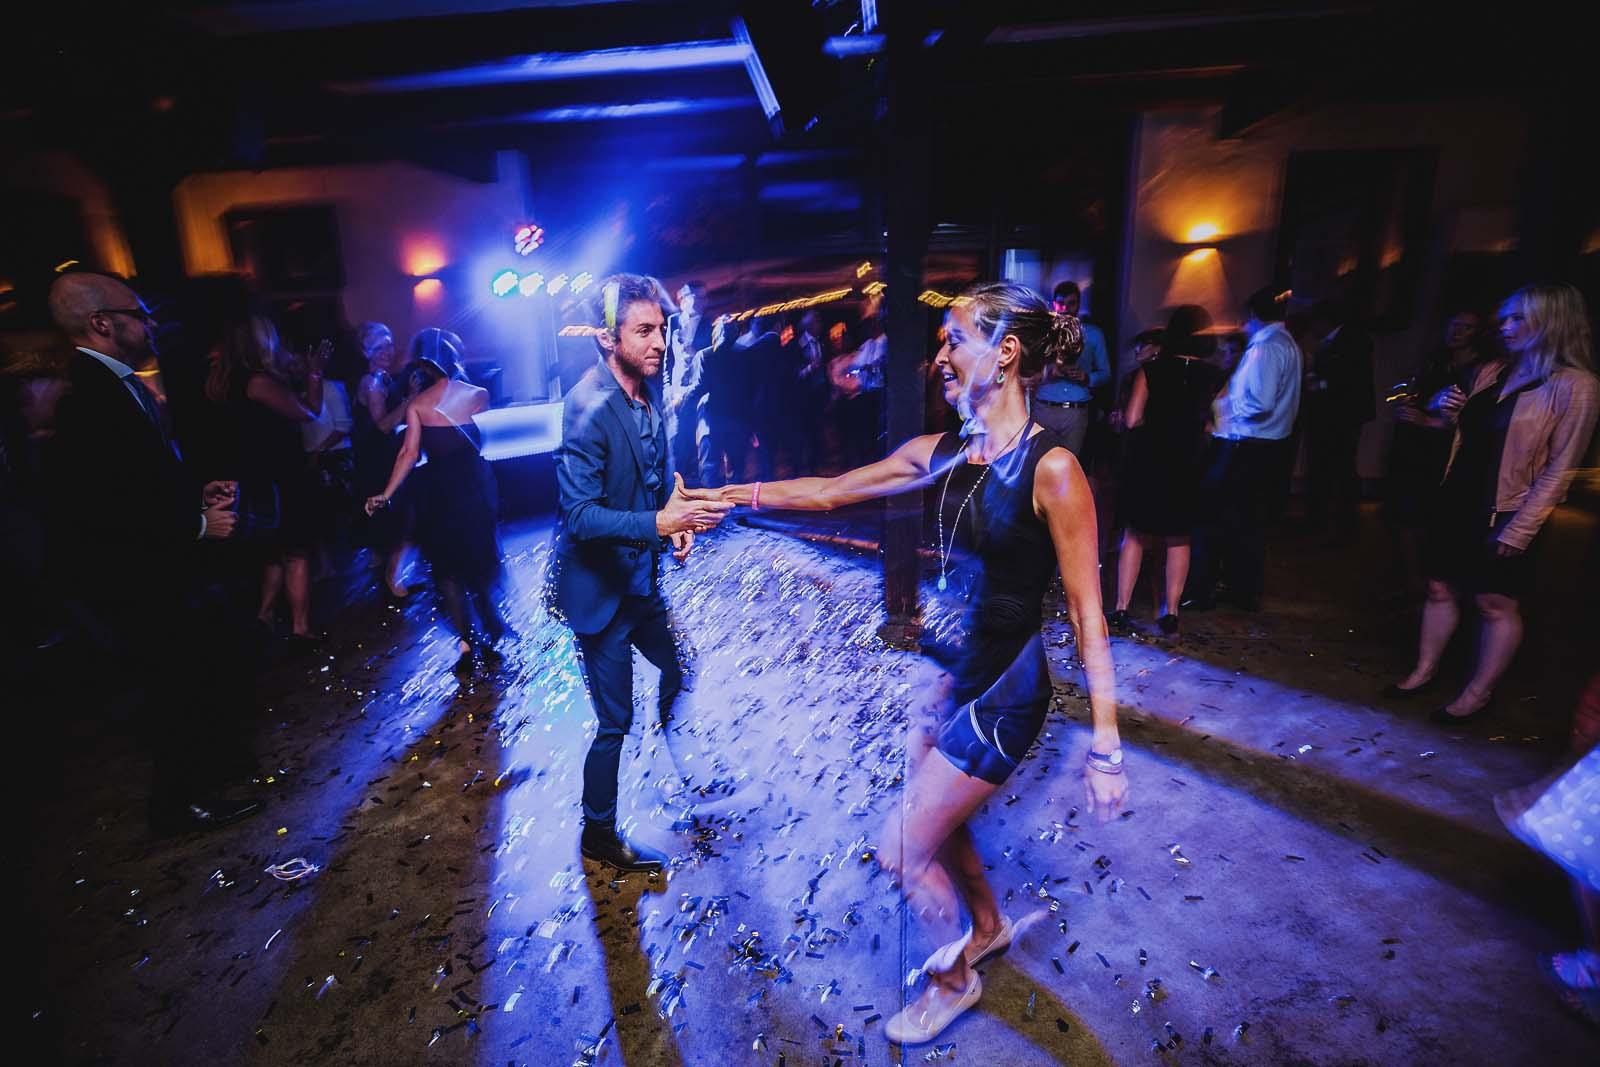 Tanz Gaeste Party Foto der Hochzeitsreportage Copyright by Hochzeitsfotograf www.berliner-hochzeitsfotografie.de